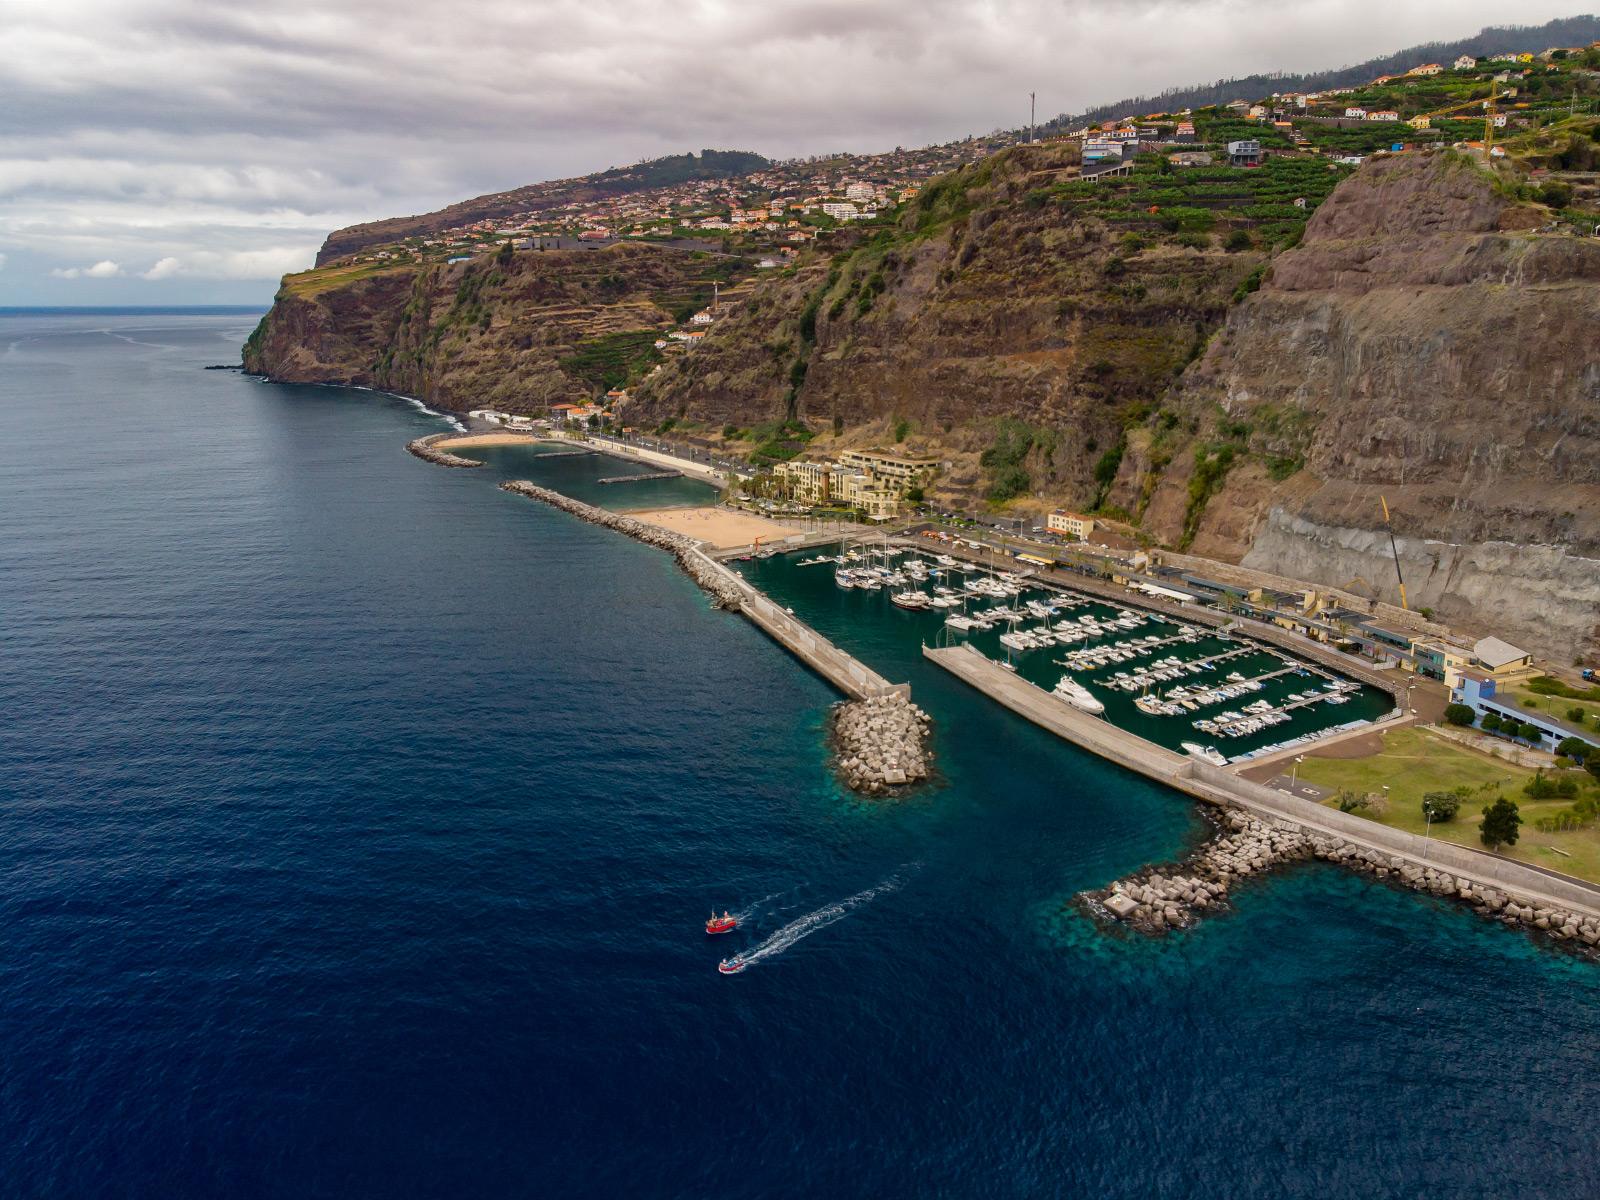 South of Madeira